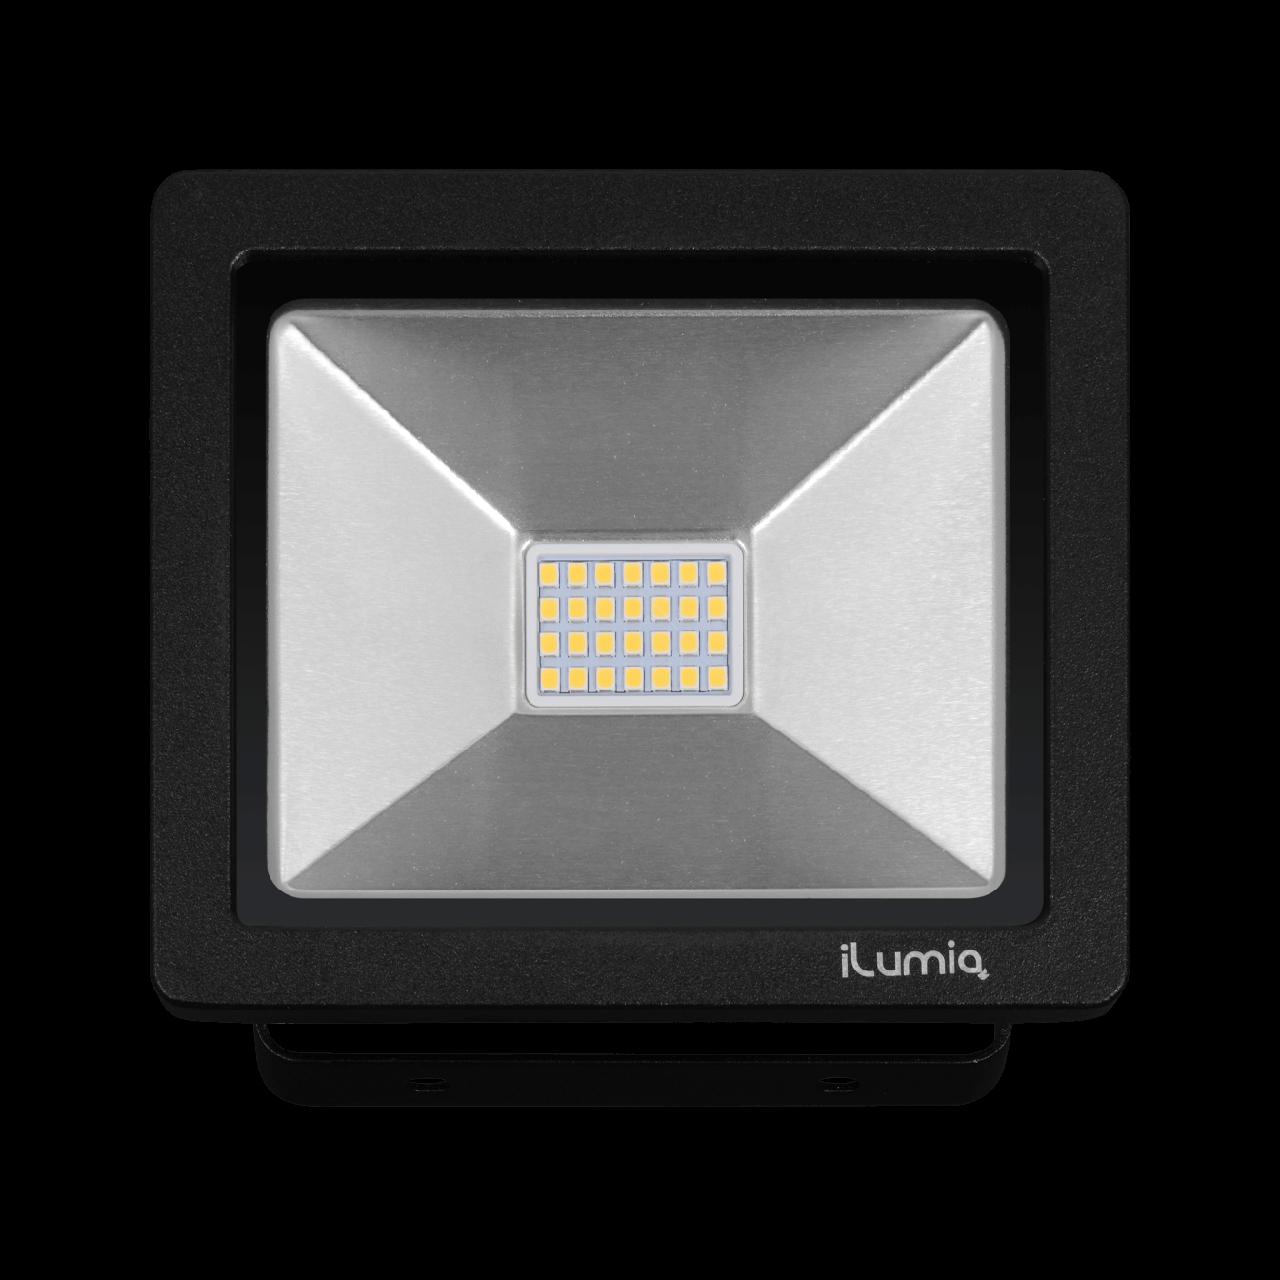 Светодиодный прожектор 20W 4000K iLumia